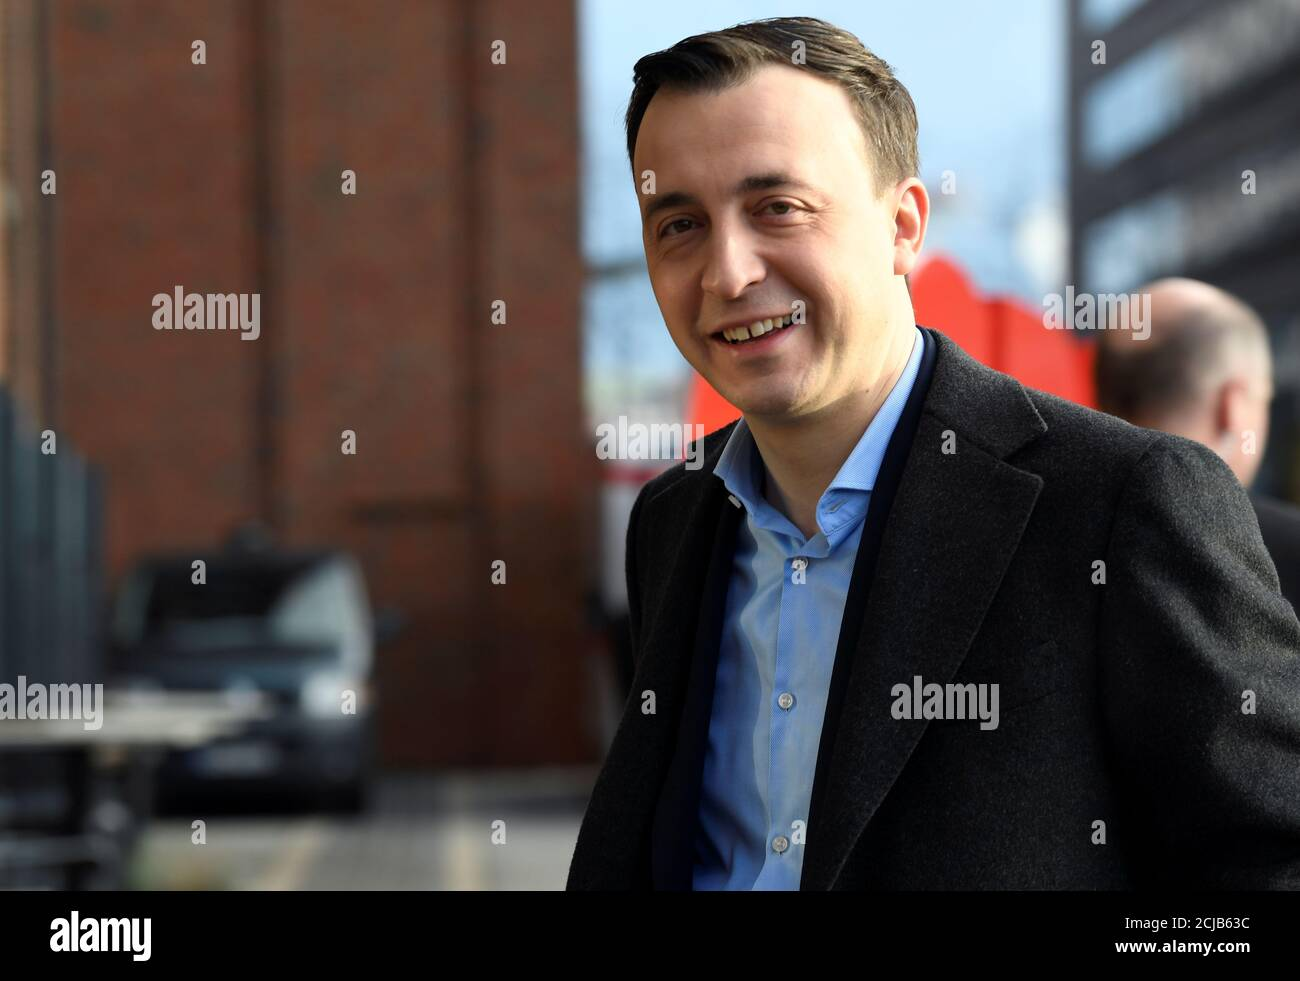 Le secrétaire général de l'Union chrétienne-démocrate allemande, Paul Ziemiak, arrive pour assister à une réunion du conseil d'administration de la CDU à Hambourg, en Allemagne, le 18 janvier 2020. REUTERS/Fabian Bimmer Banque D'Images